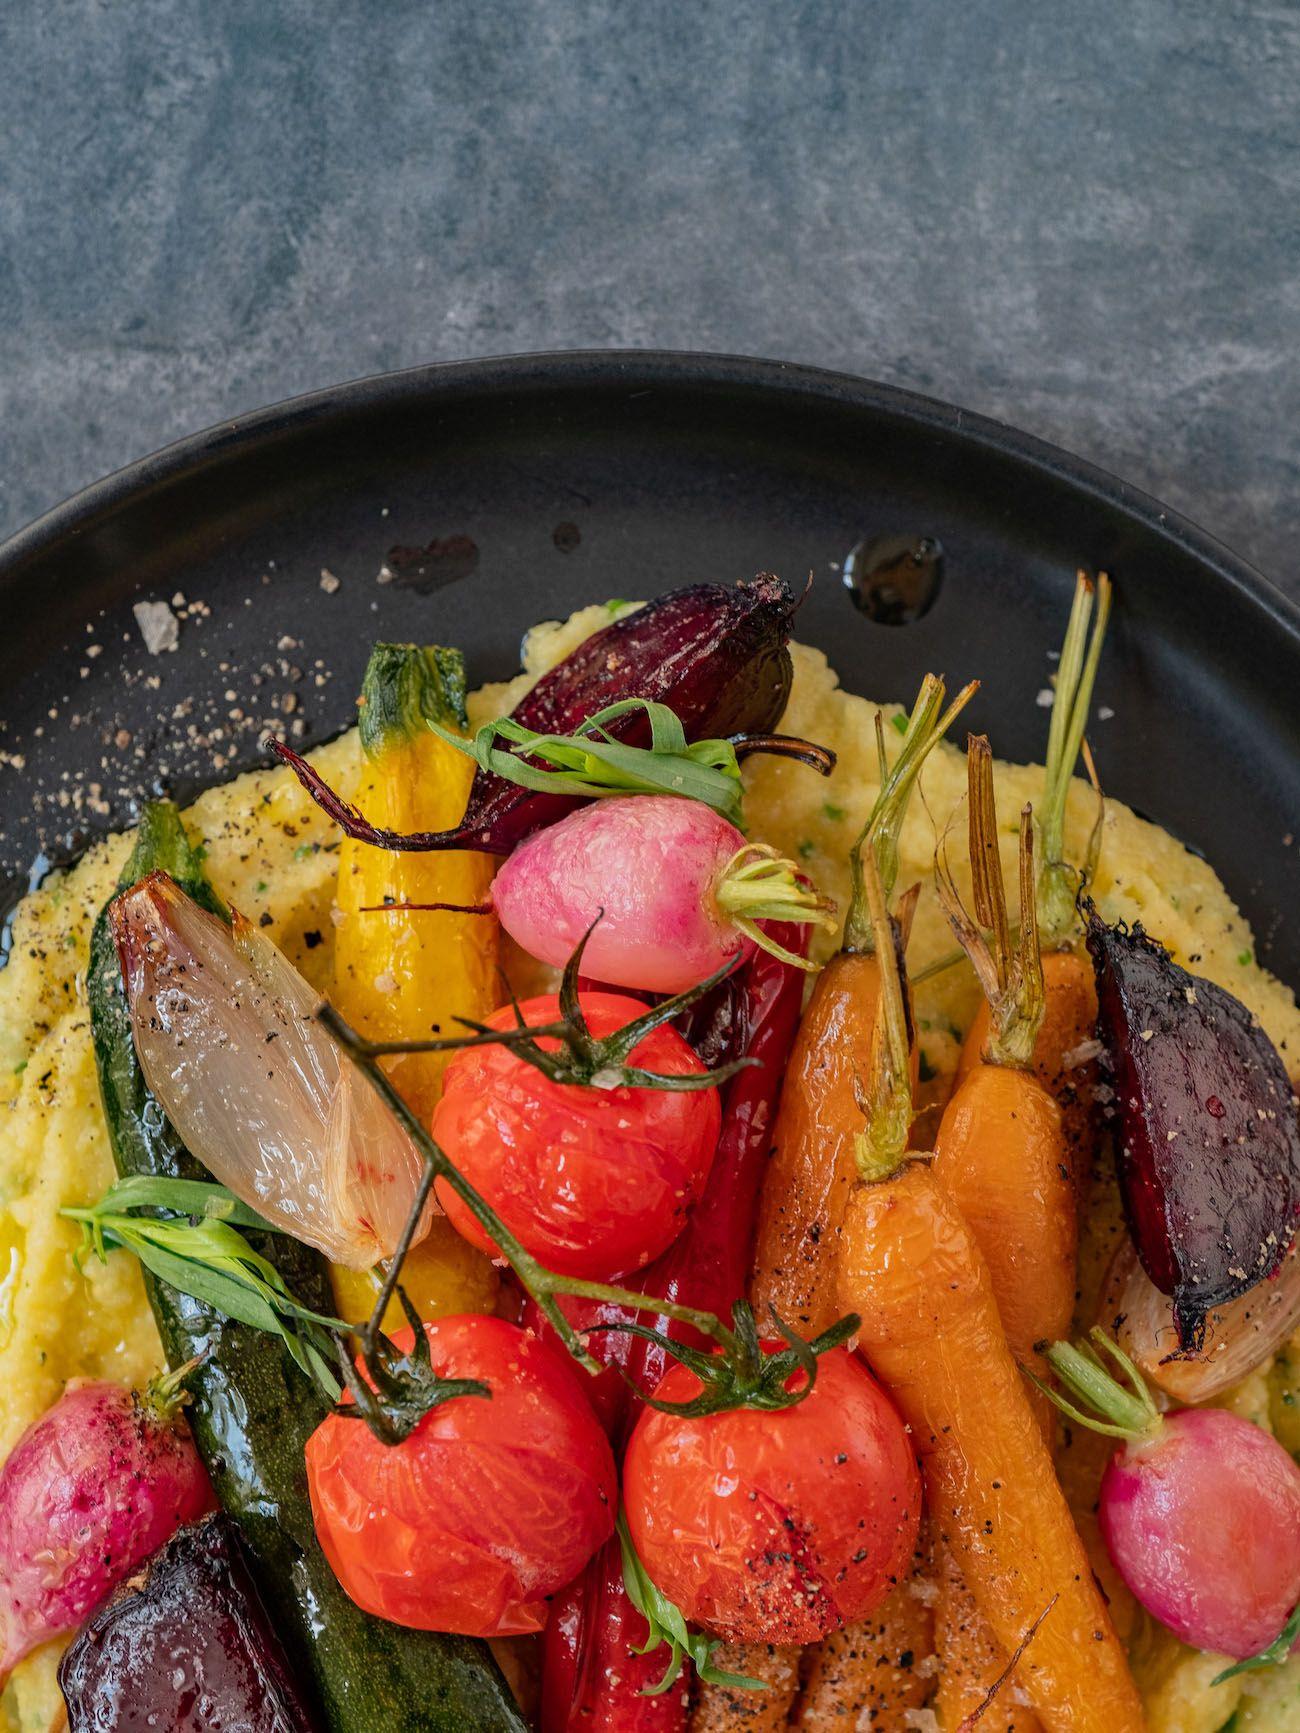 Rezept, Foodblo, About Fuel, Cremige Polenta mit Sommergemüse, Zucchini, Tomaten, Rote Bete